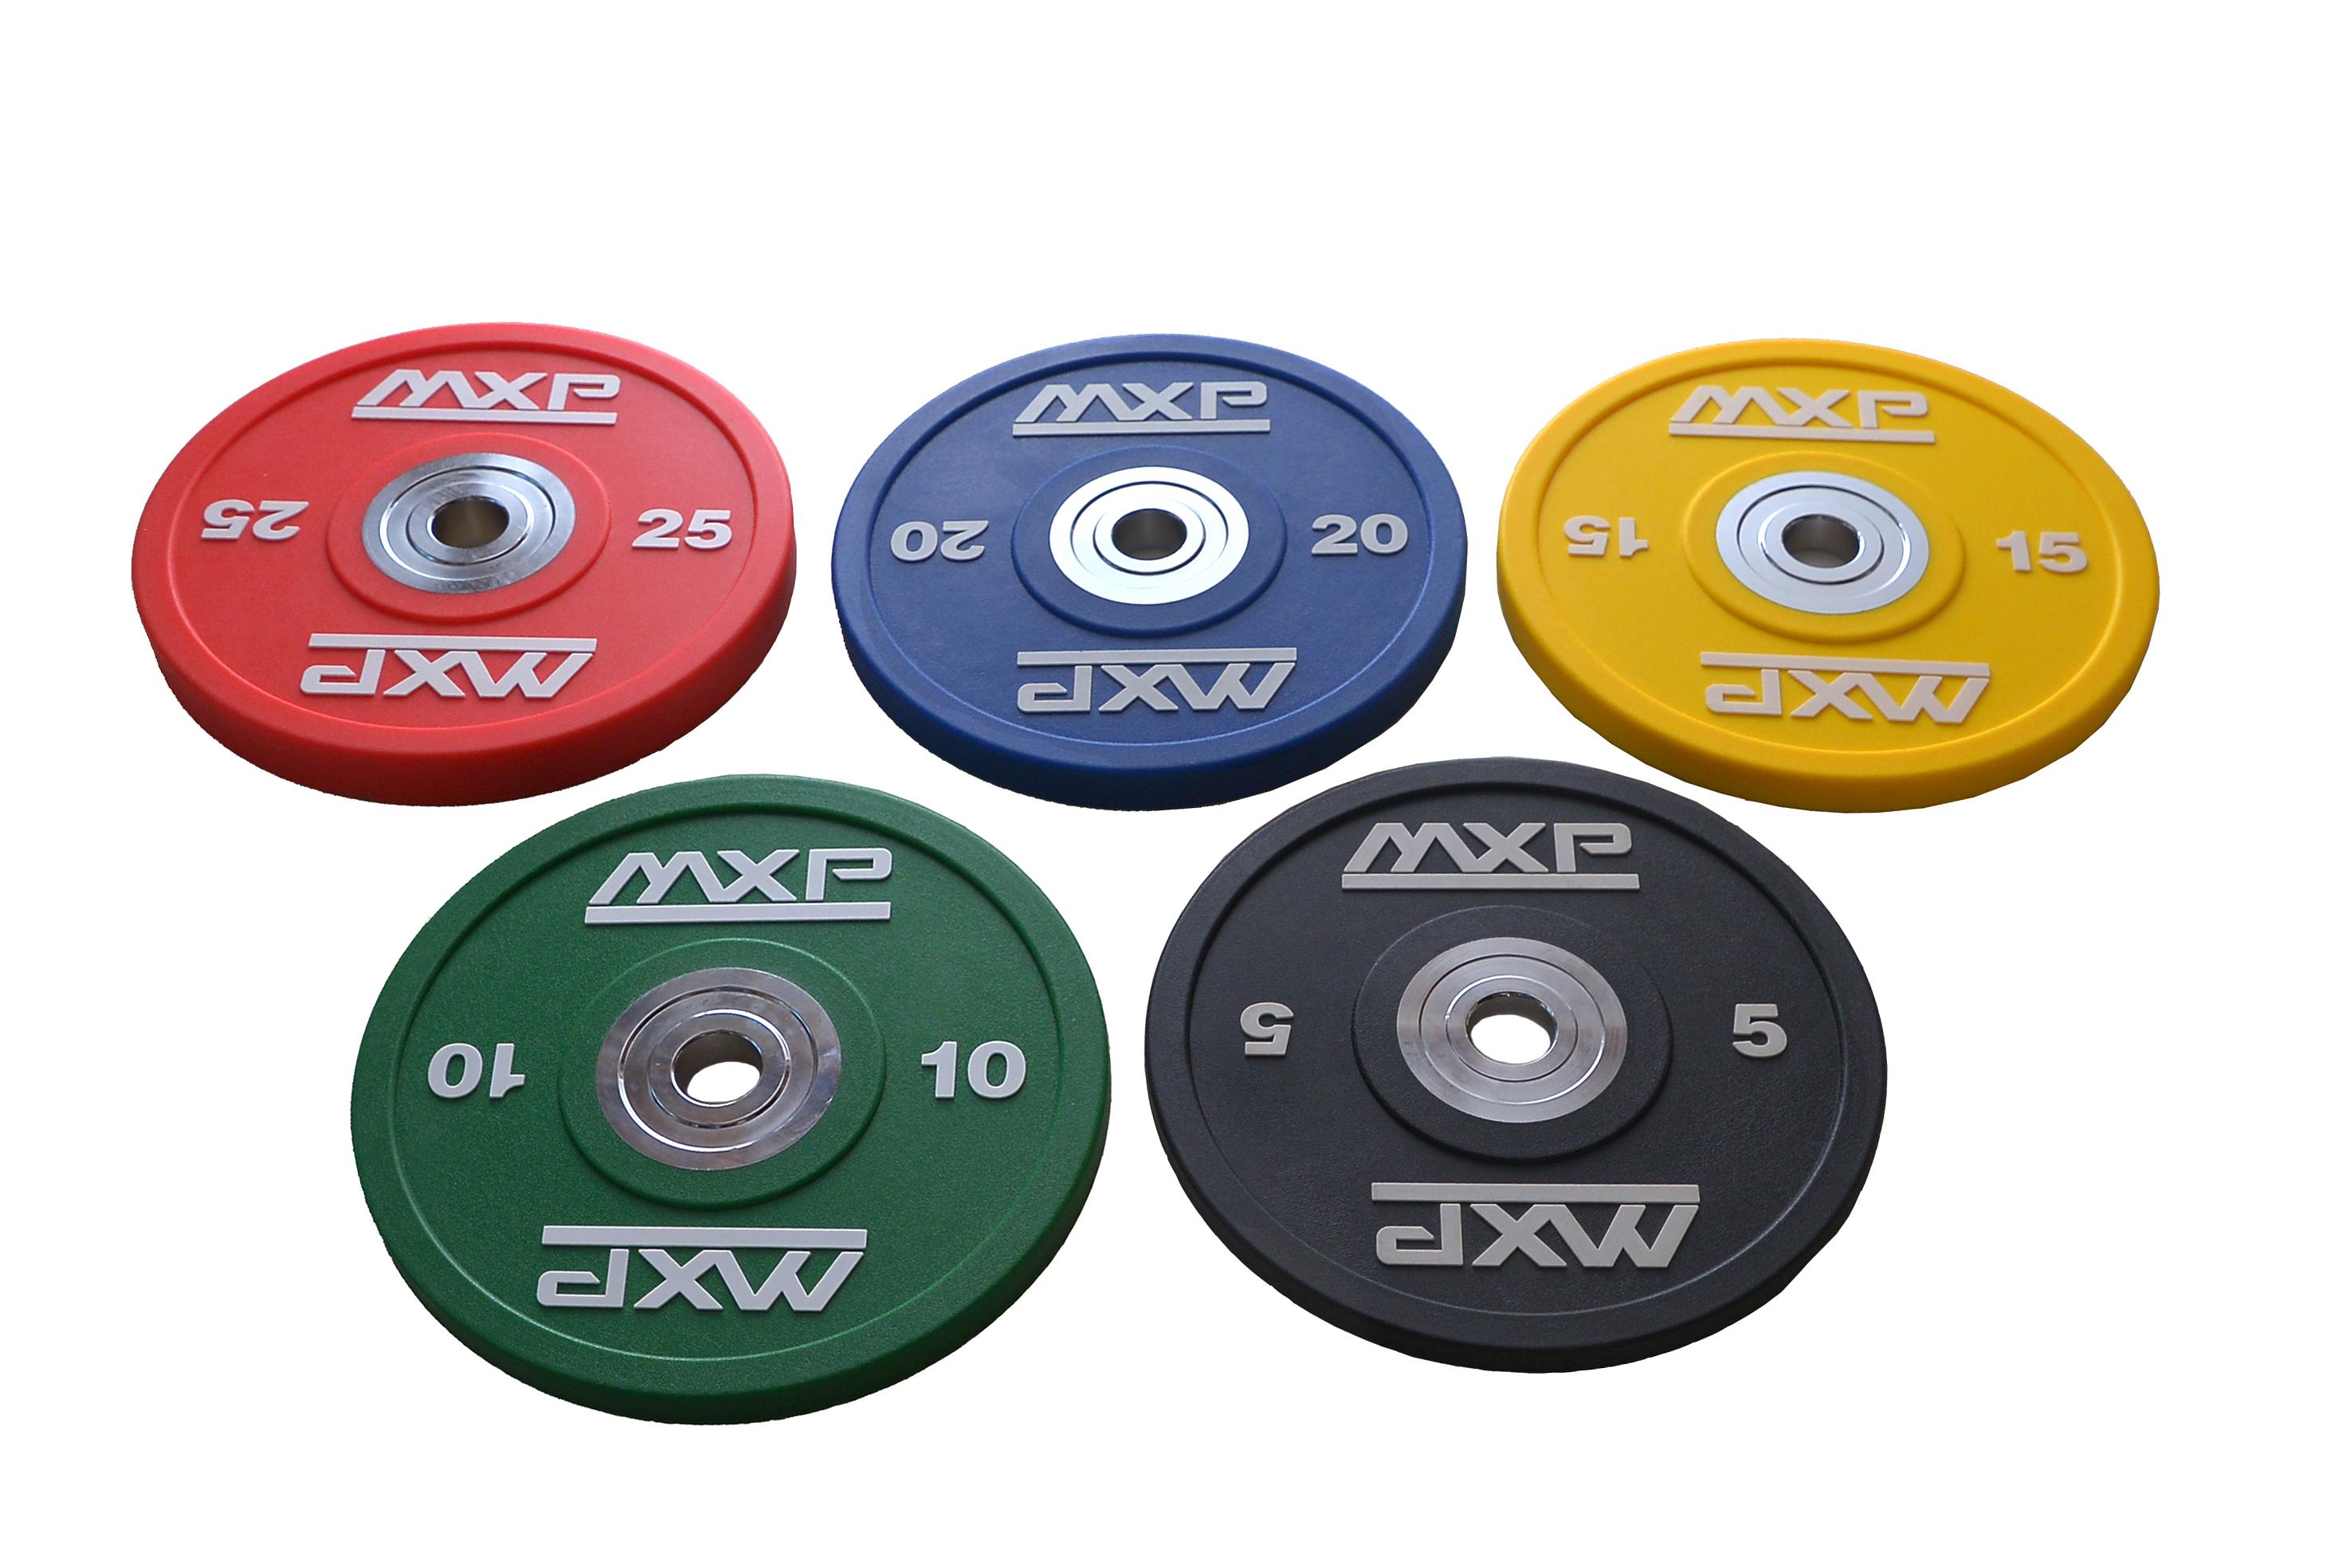 Kotouč Bumper Plate CrossGym - 10 kg